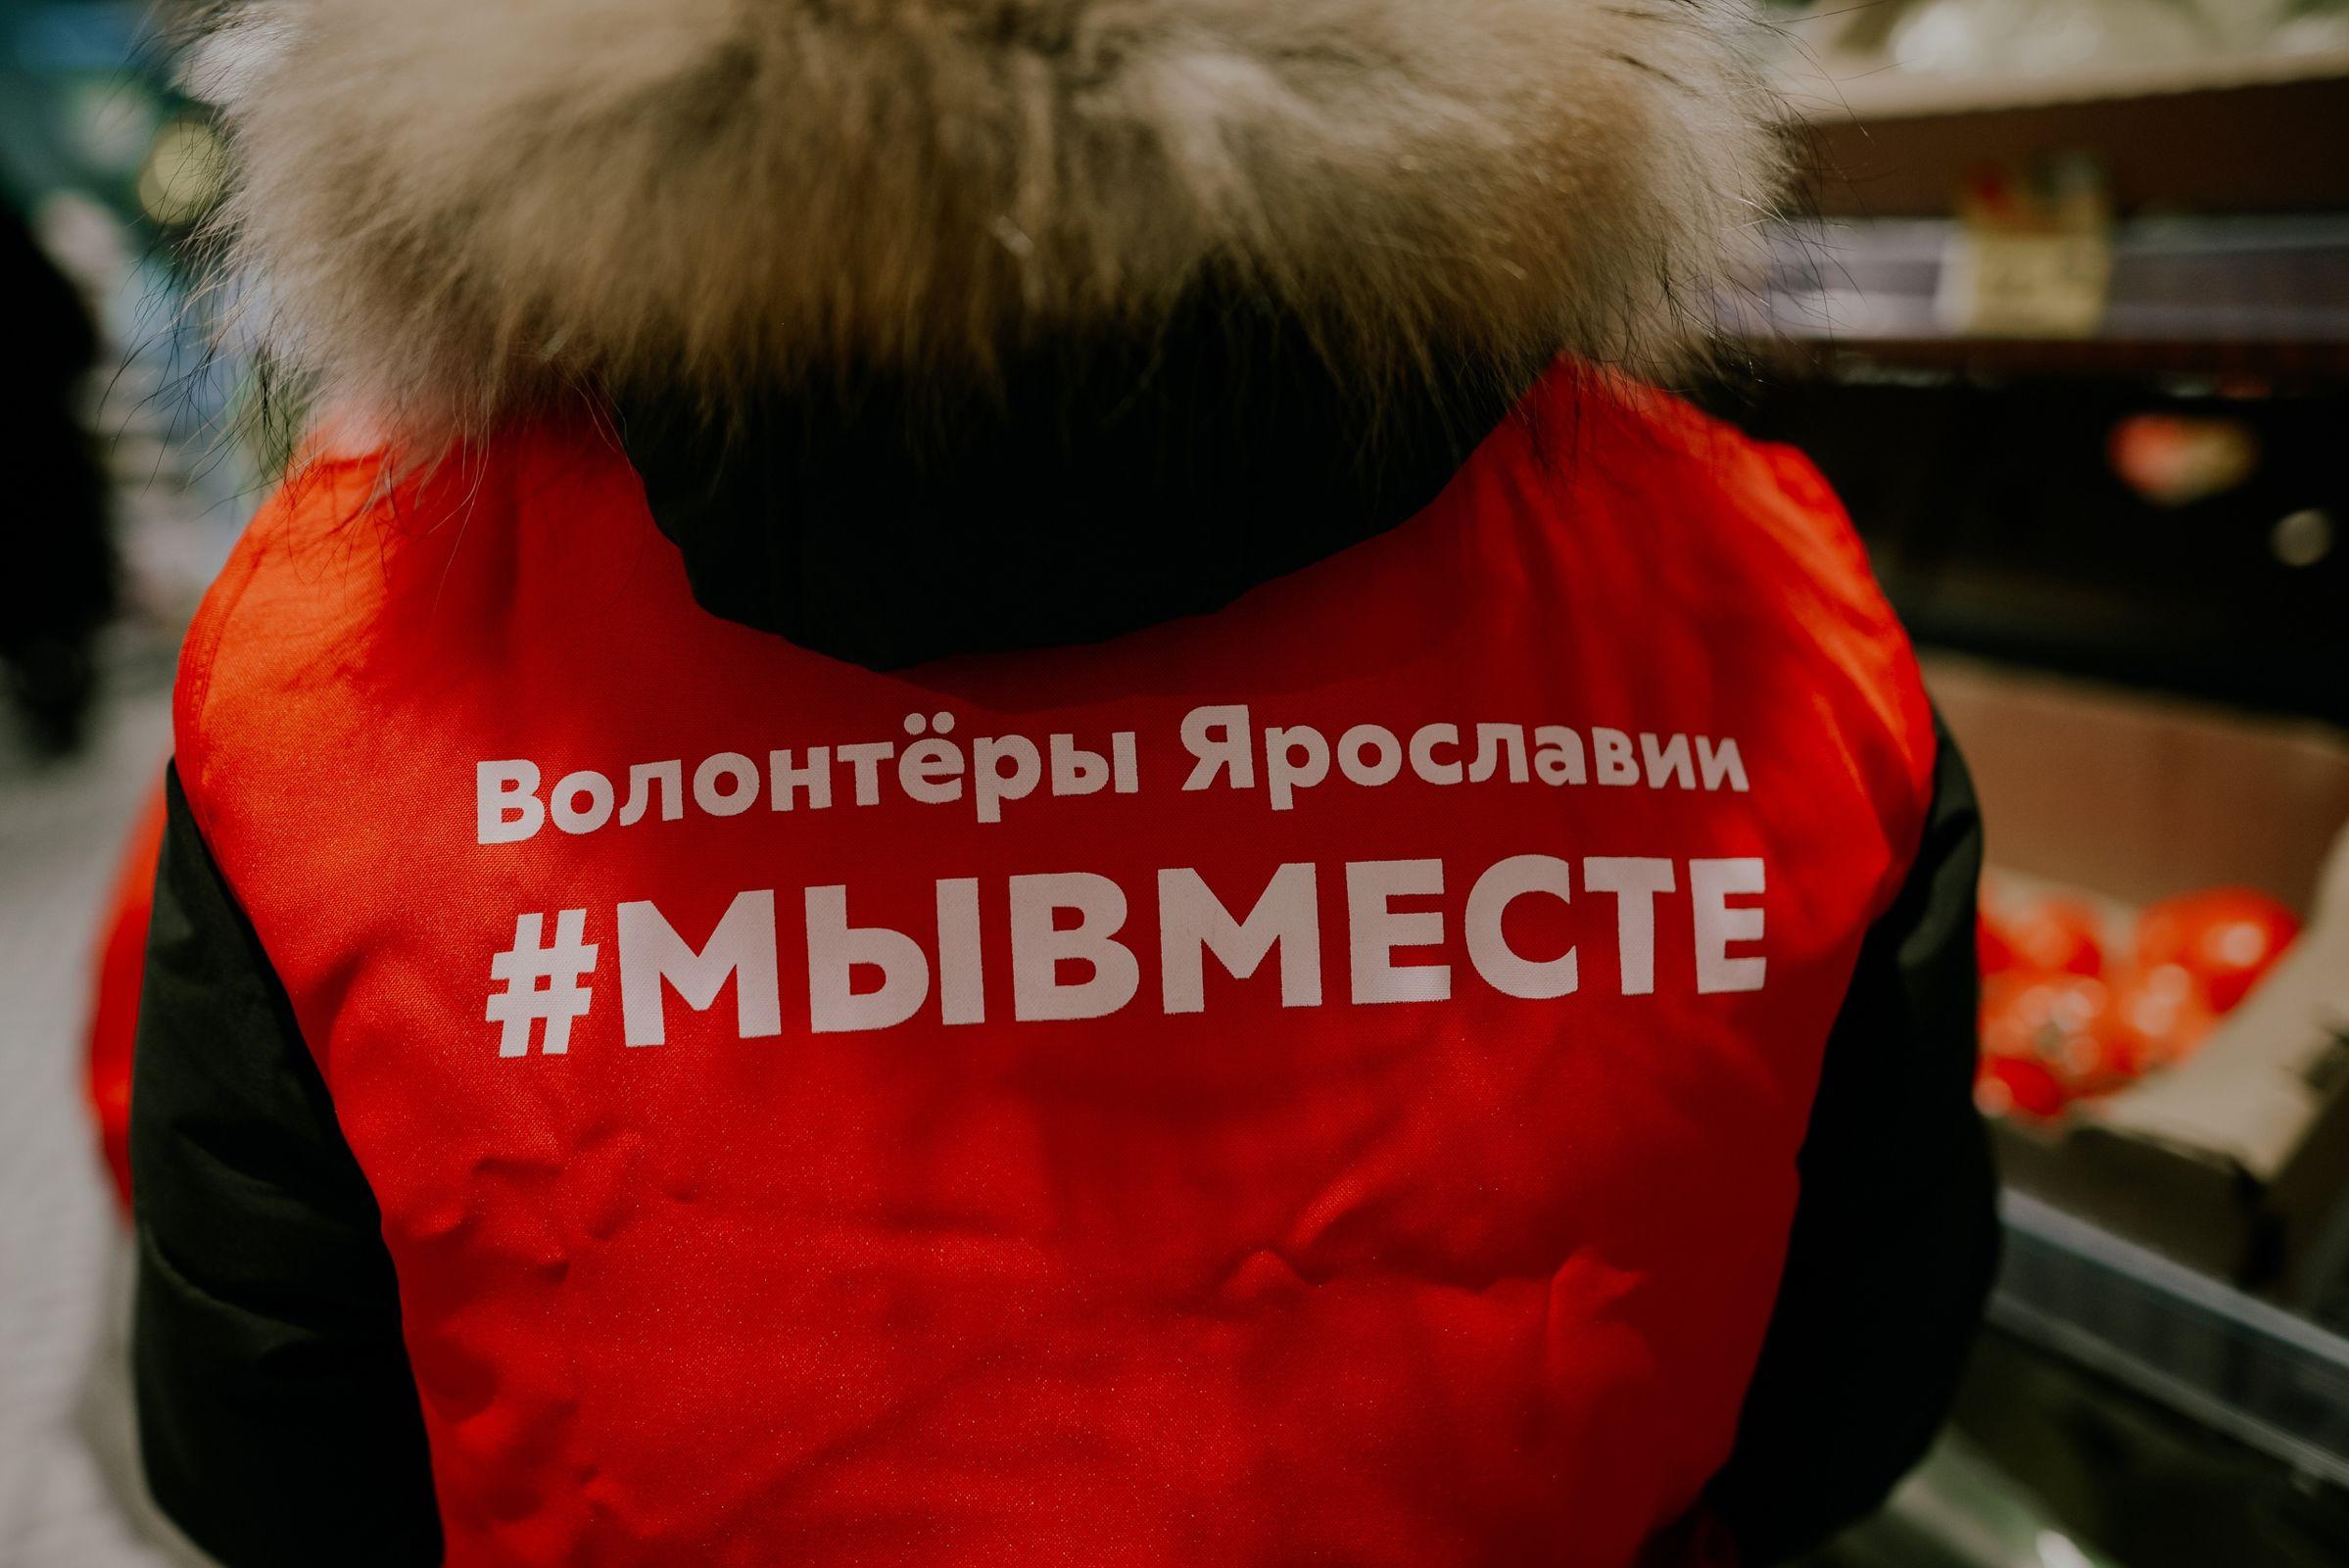 В Ярославской области возобновляется работа волонтерского штаба «Мы вместе»